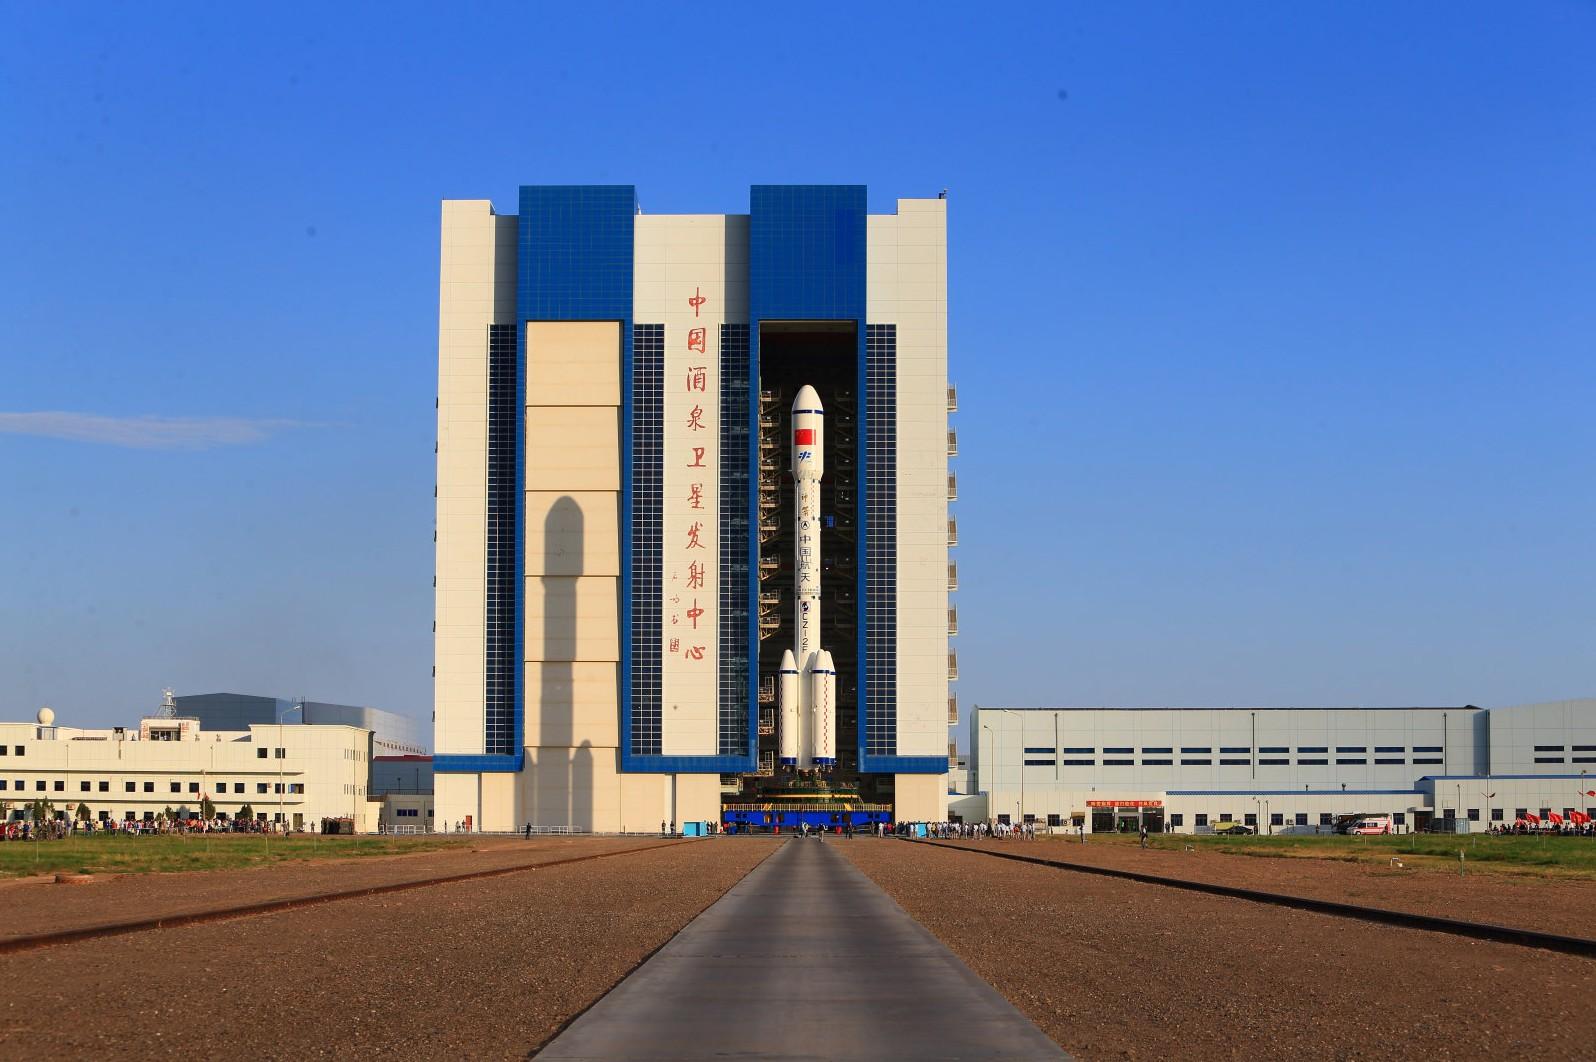 中国「天宫二号」空间实验室成功升空,踏出空间站计划的下一步